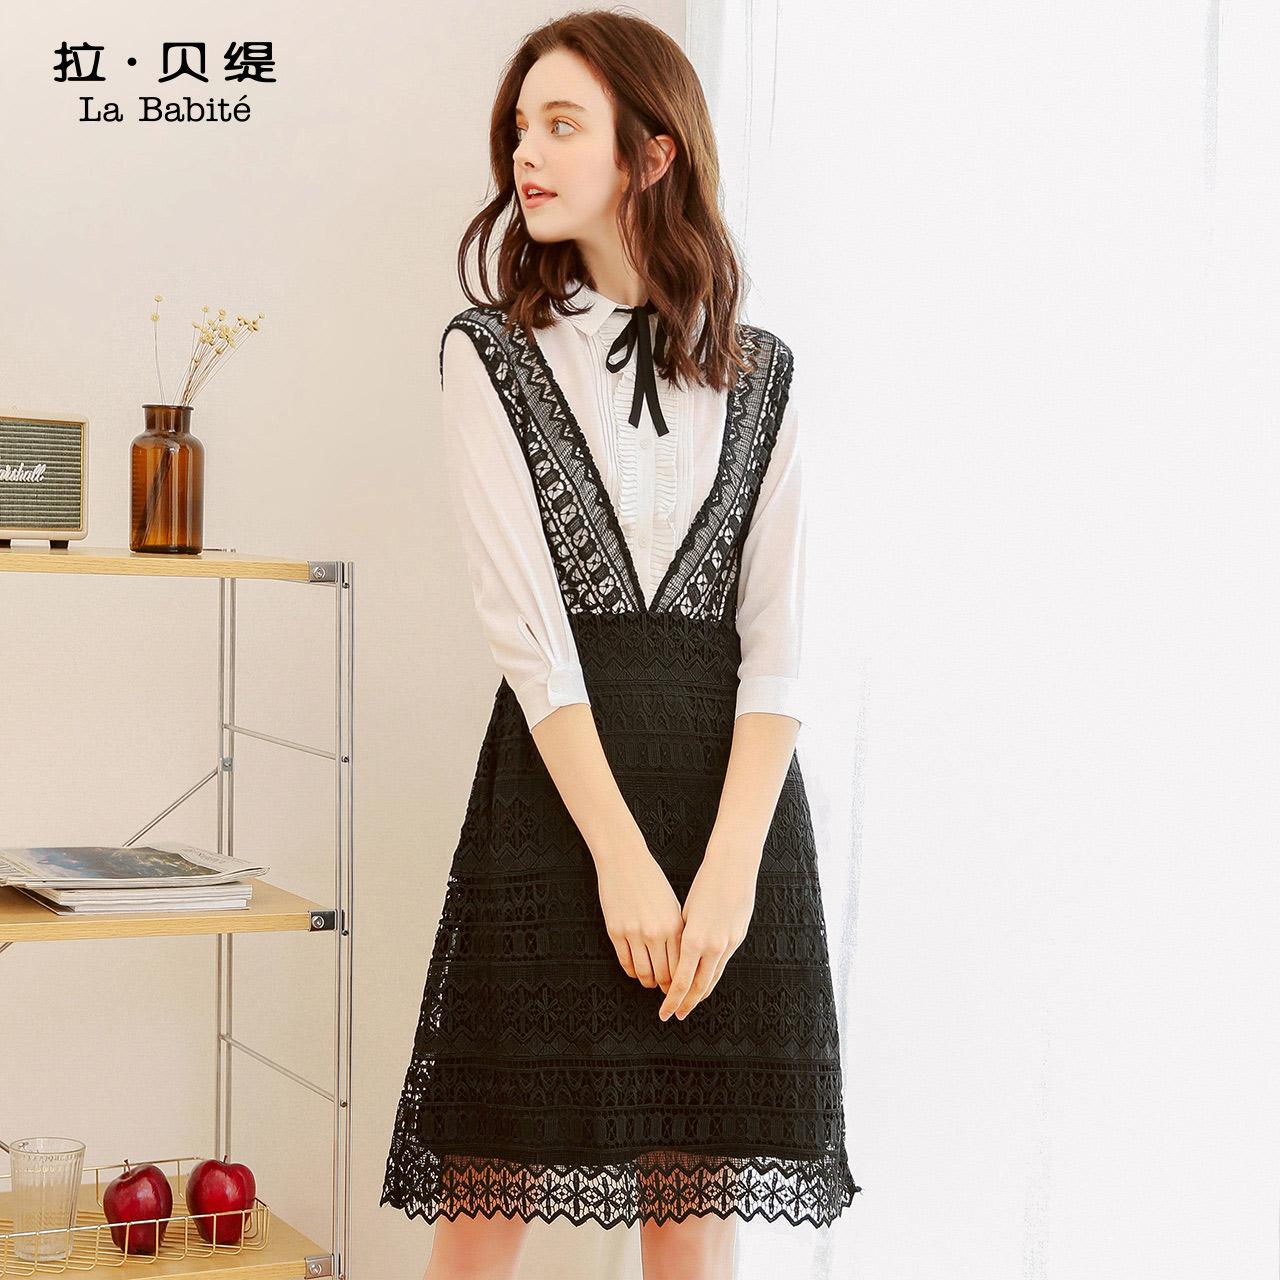 休闲蕾丝裙子女夏装2018新款气质两件套名媛雪纺甜美时尚气质套装